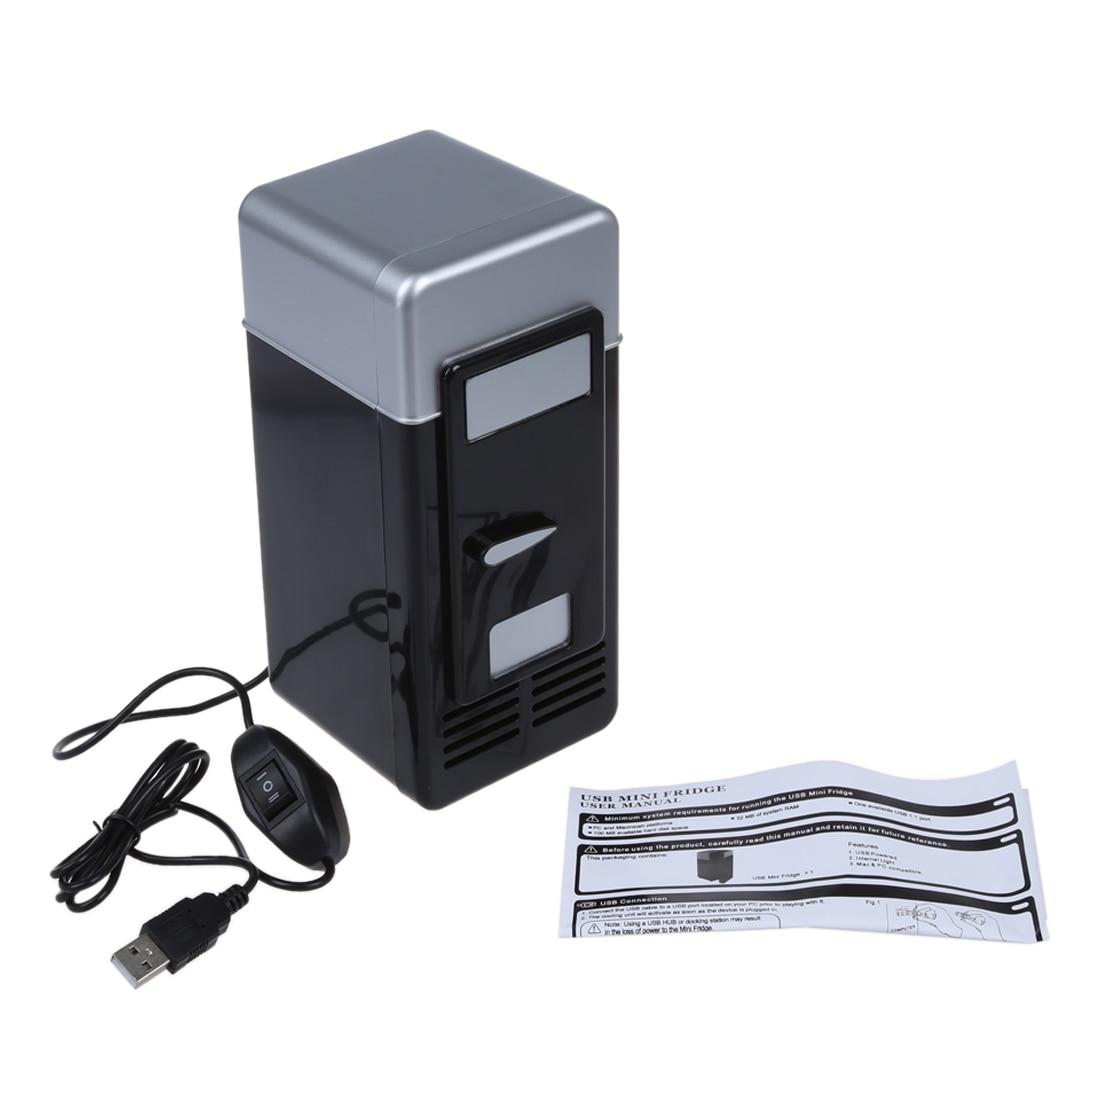 Refrigerador portátil do diodo emissor de luz/refrigerador usb mais quente refrigerador mini bebida latas refrigerador de energia para o escritório computador portátil usb gadgets